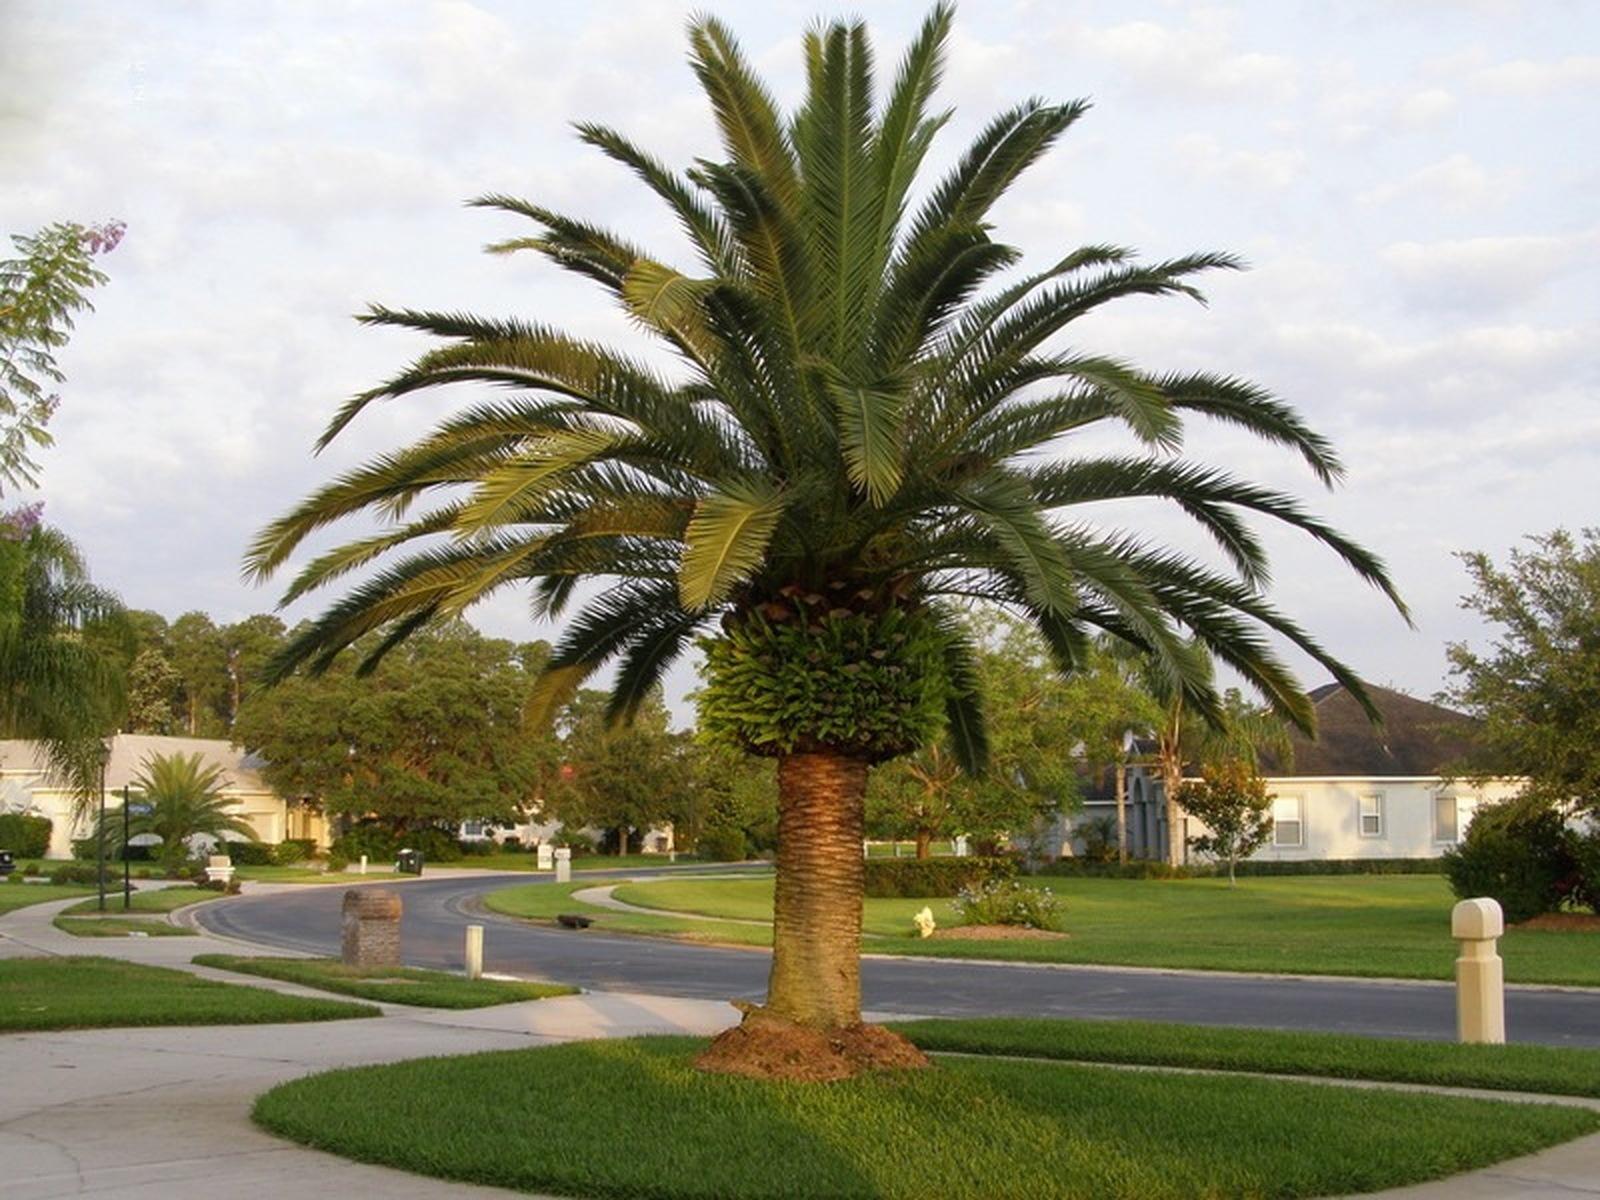 Palmeira Fênix Canariense